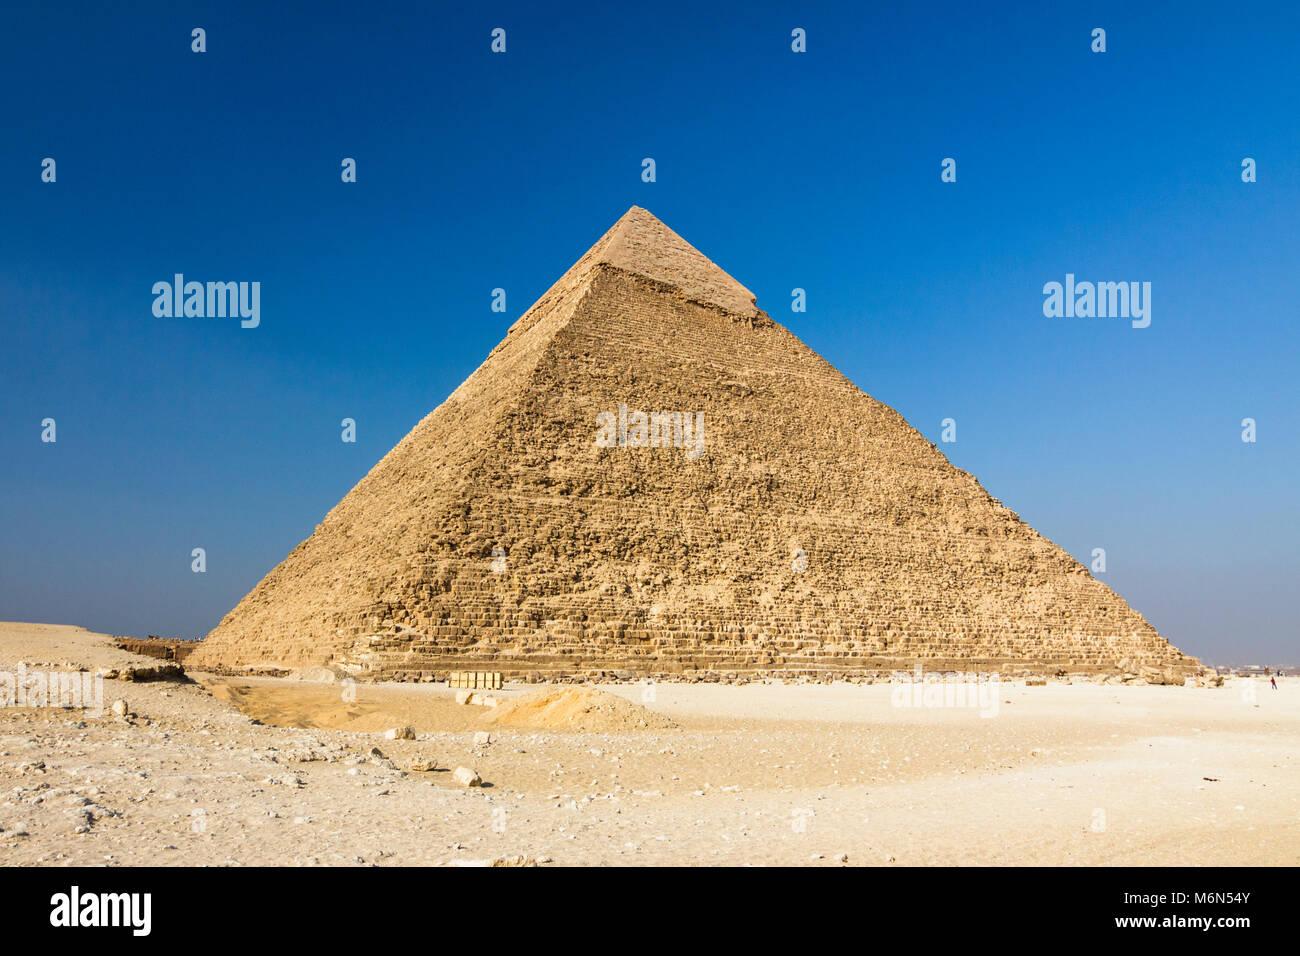 Piramide di Chephren, Il Cairo, Egitto Immagini Stock